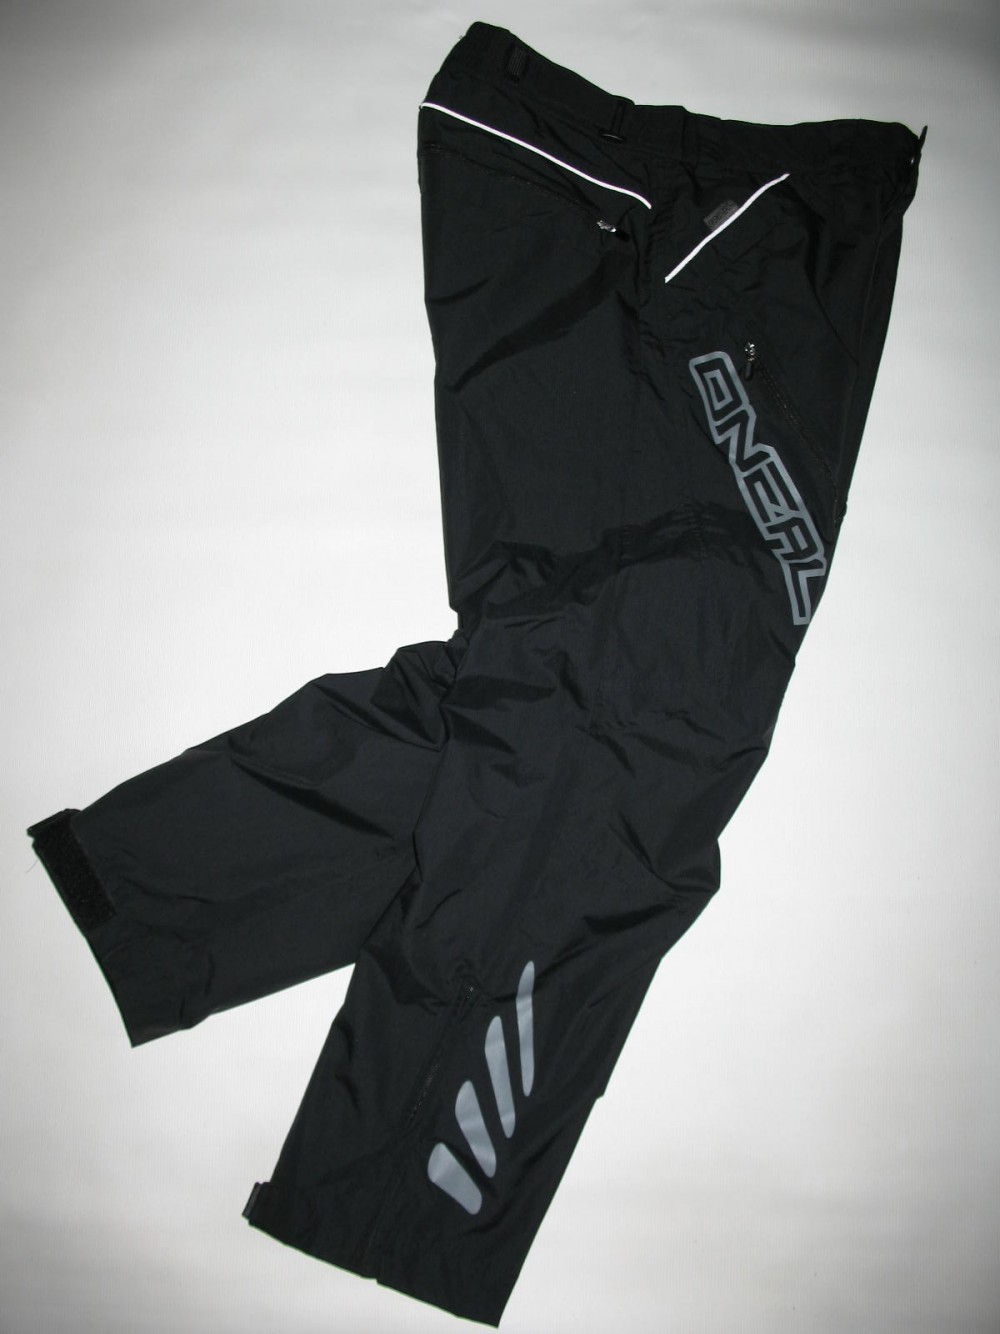 Штаны ONEAL predator III bike pants (размер 48/M) - 7